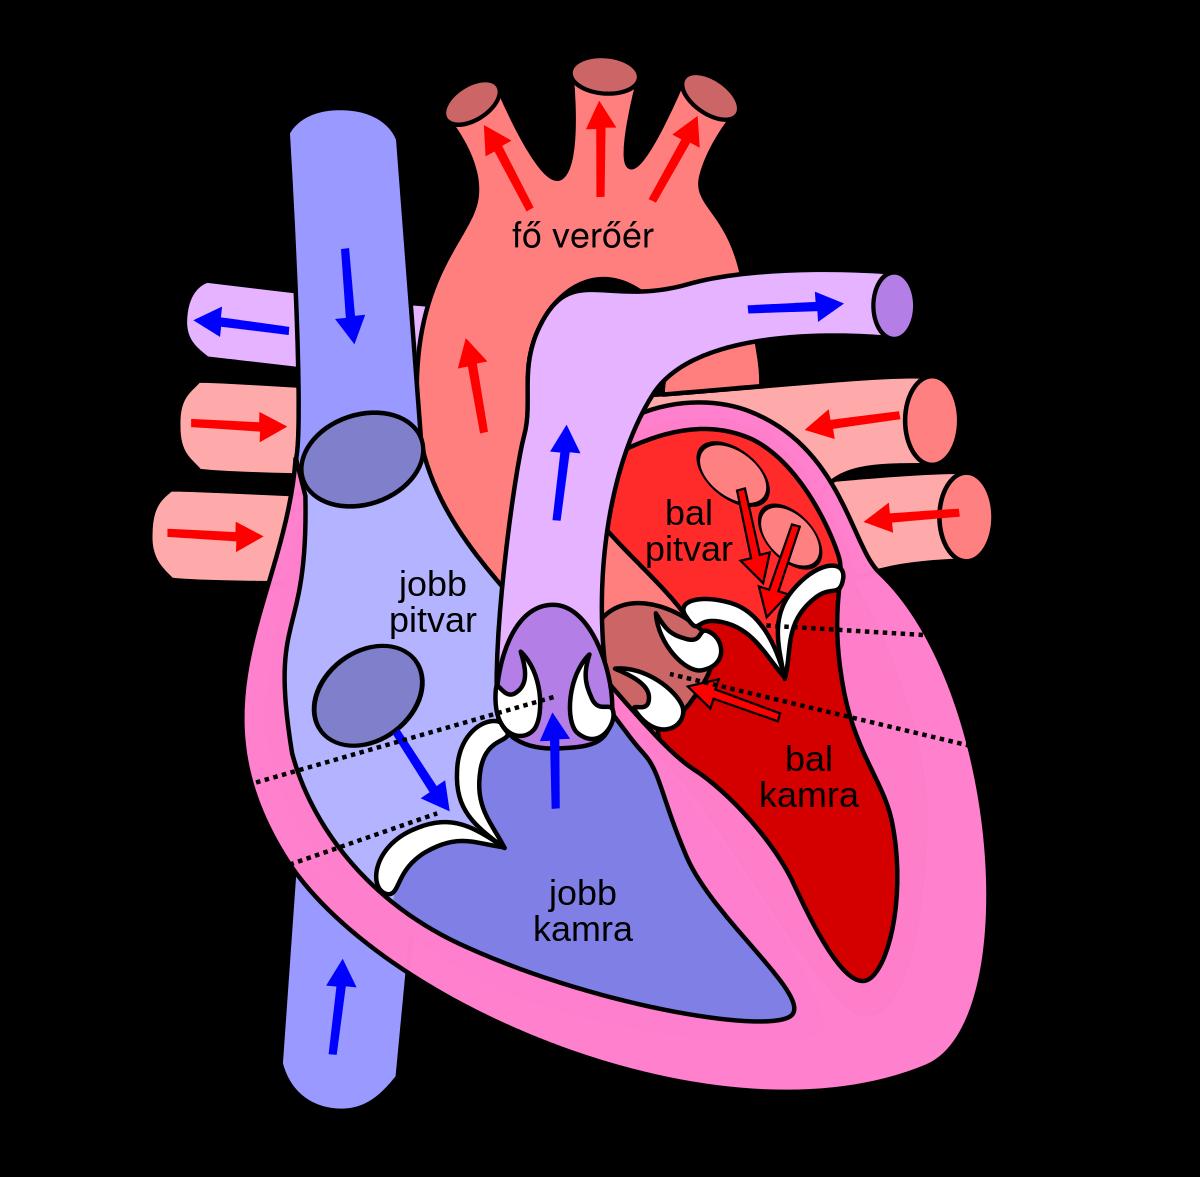 Visszérbetegség / Szív- és érrendszeri betegségek / Témák / Kérdések - válaszok / HáziOrvos